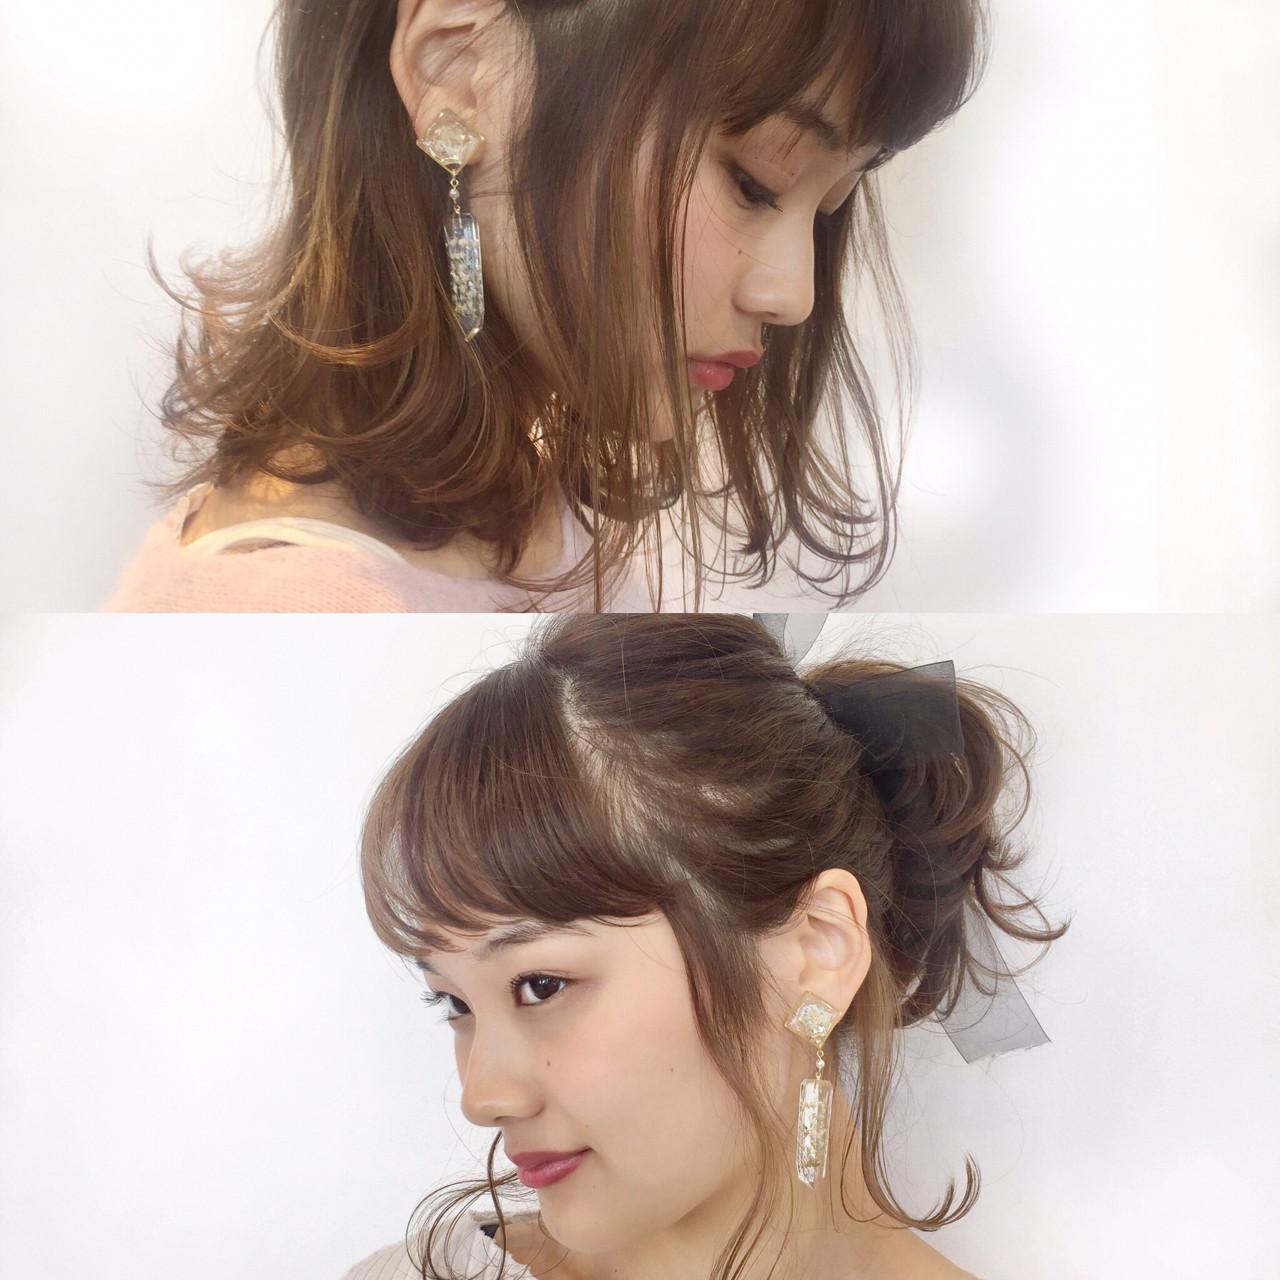 前髪あり デート フリンジバング 簡単ヘアアレンジ ヘアスタイルや髪型の写真・画像